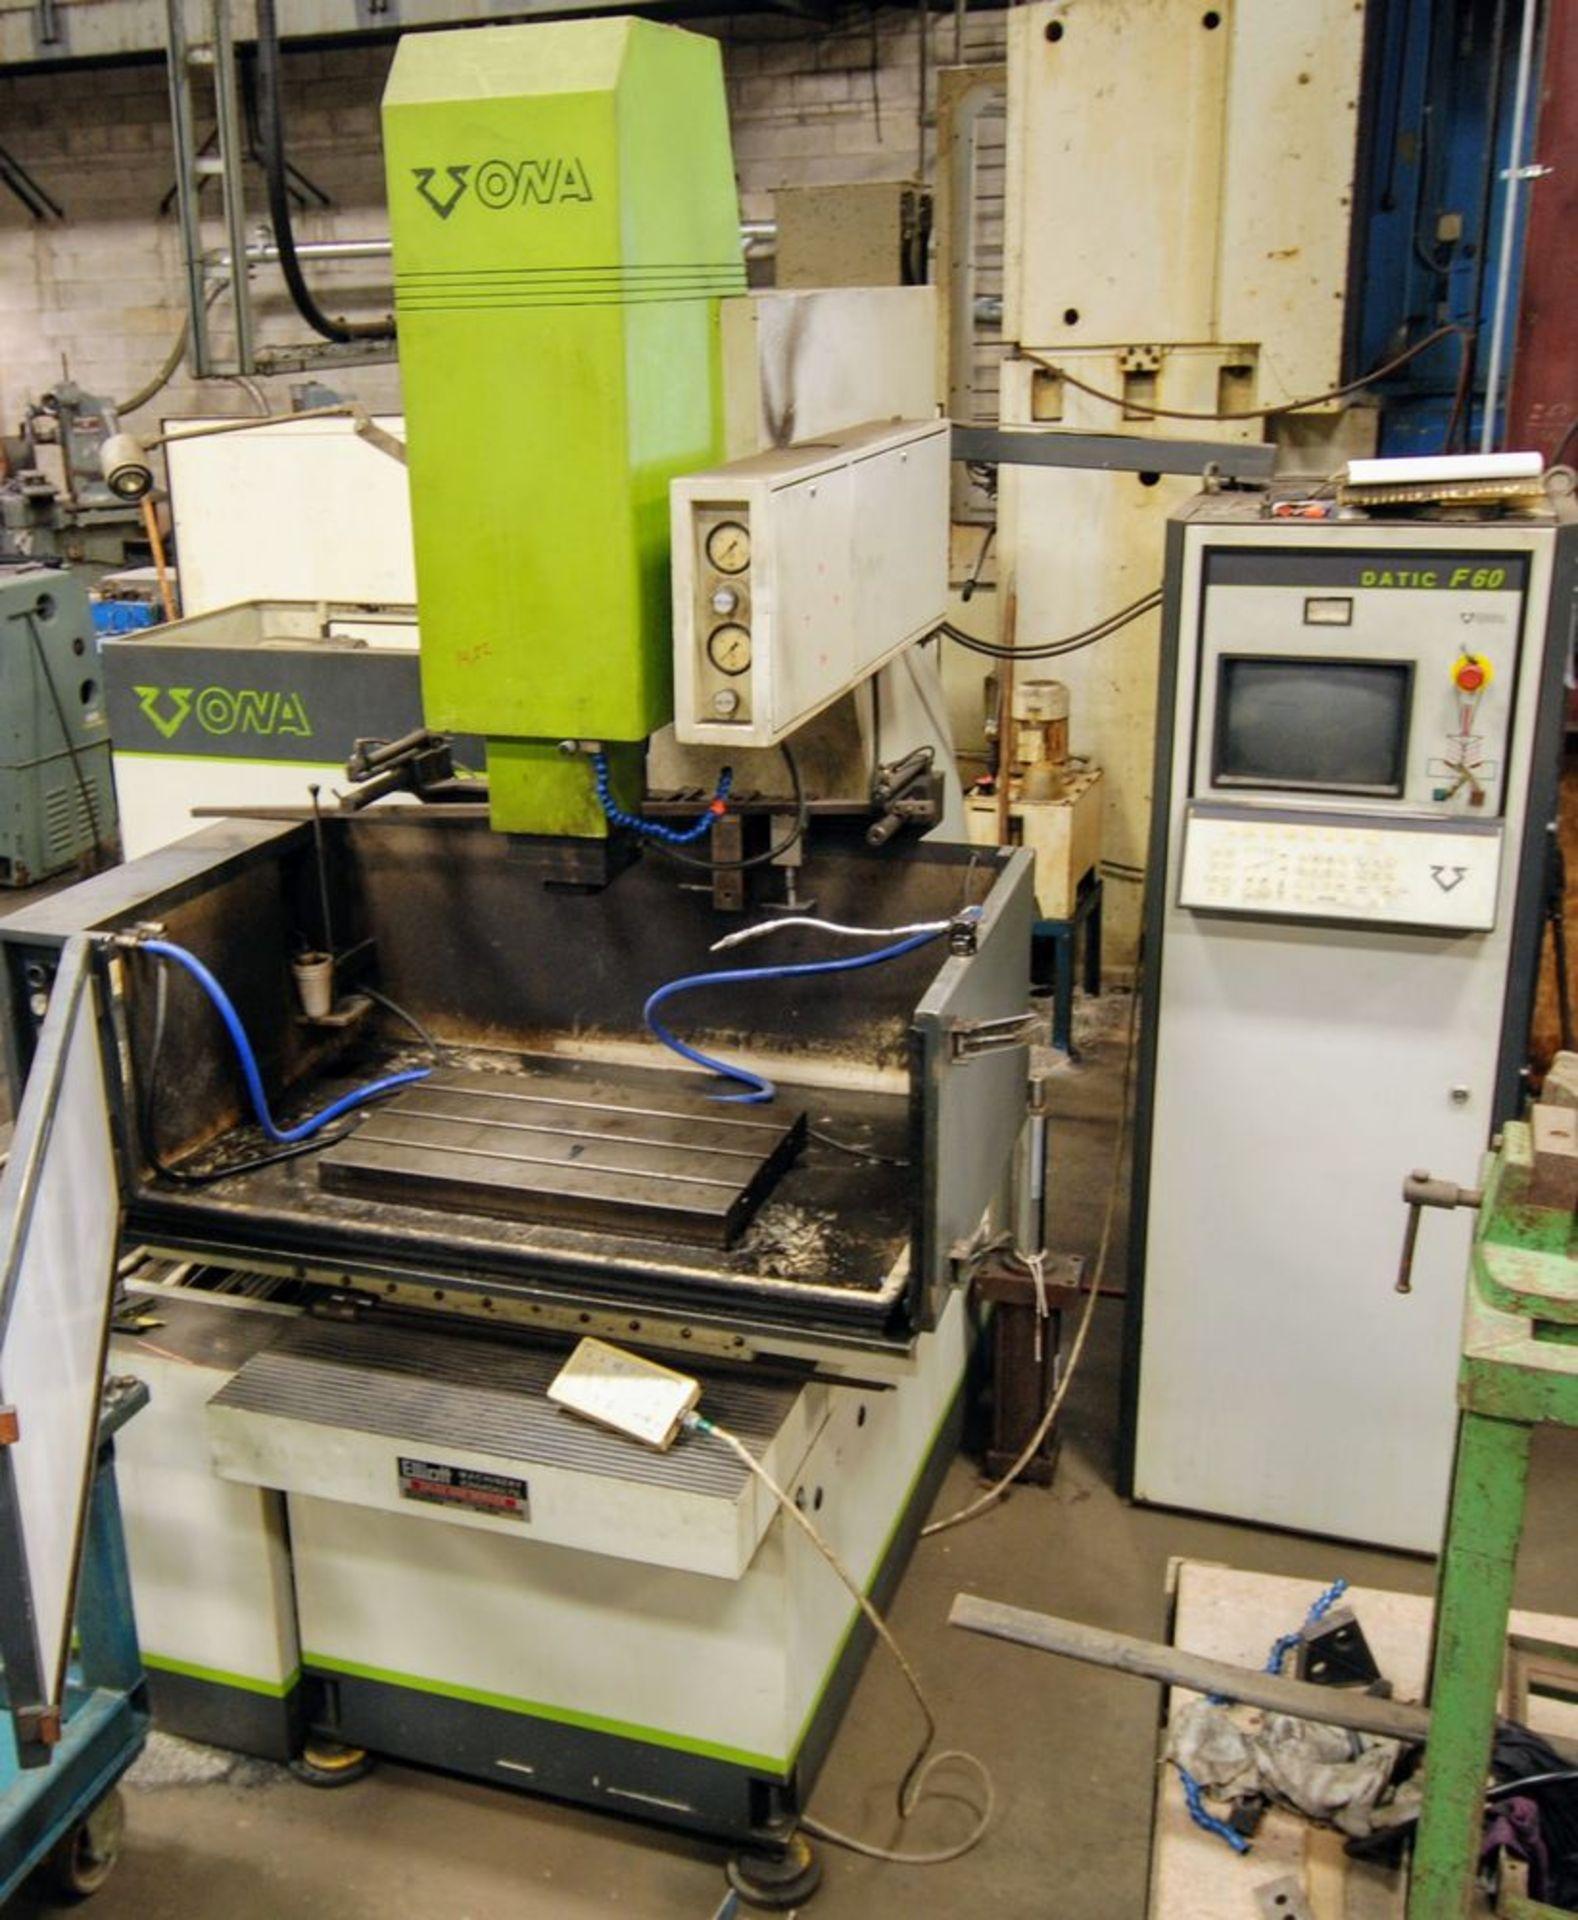 """Lot 85 - ONA Datic D-360-F Sinker EDM, Datic F60 Control, 16"""" x 24"""" Table, s/n 6646/9411 w/ Setup Clamps"""